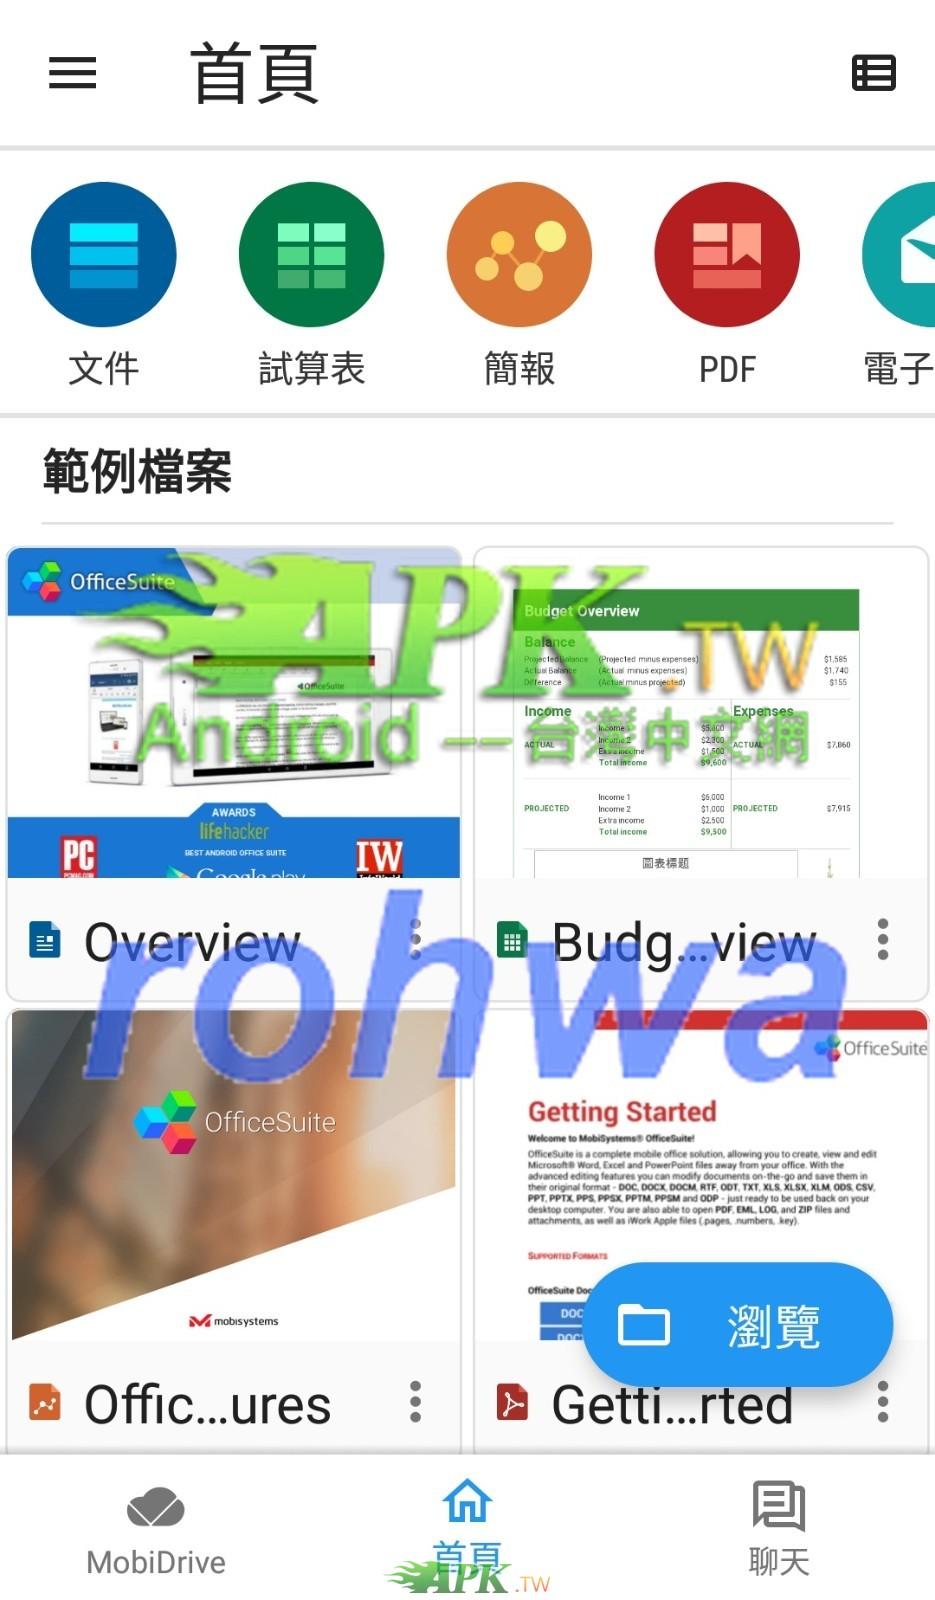 OfficeSuite__1_.jpg